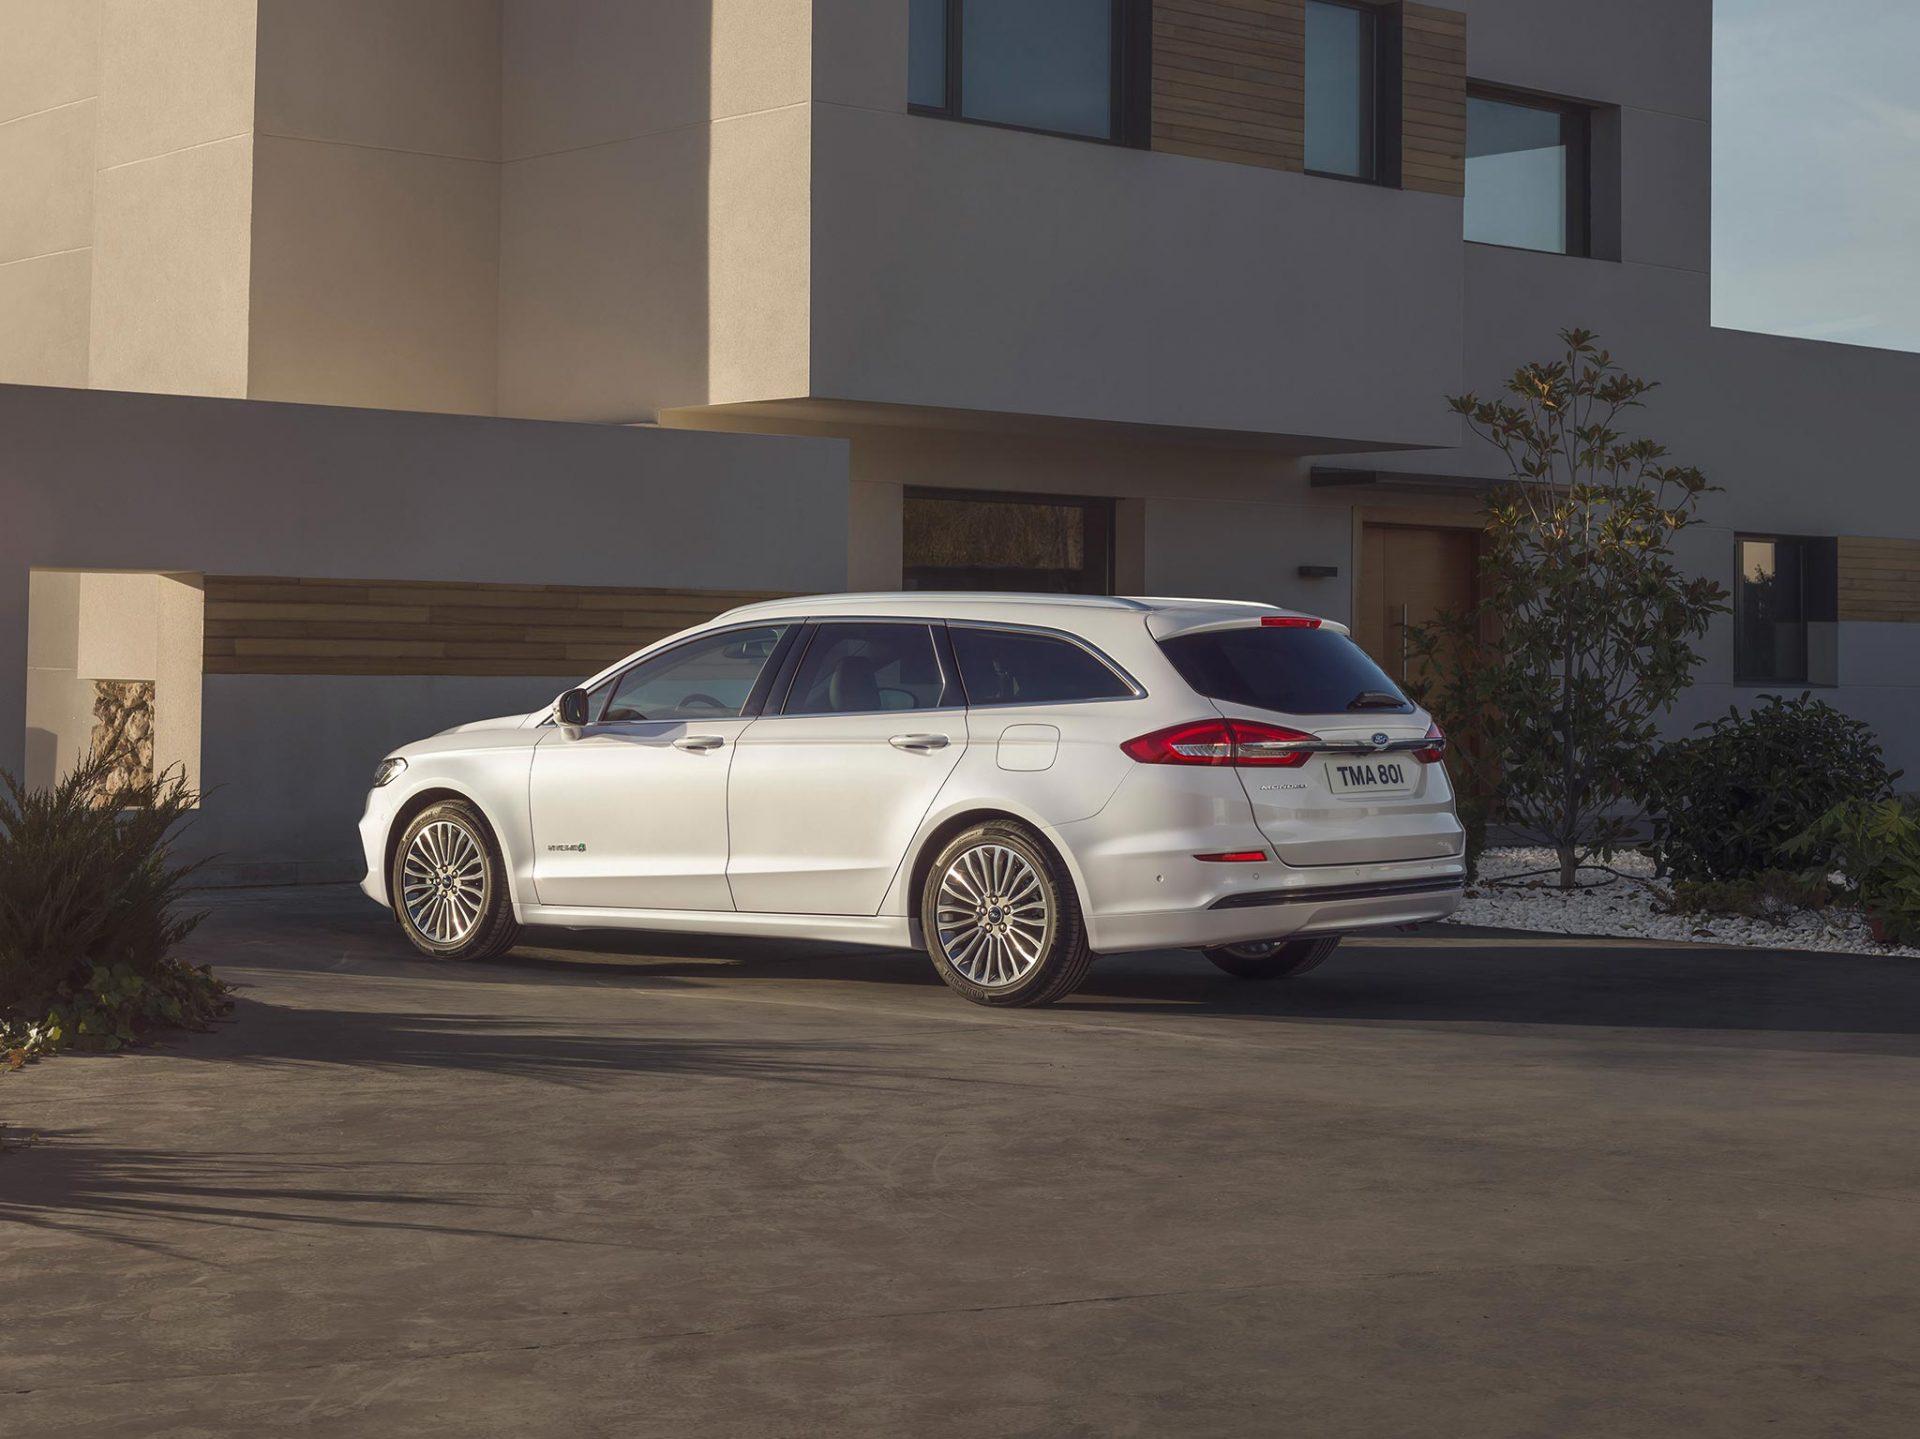 Nye Ford Mondeo Hybrid stasjonsvogn er en praktisk familiebil